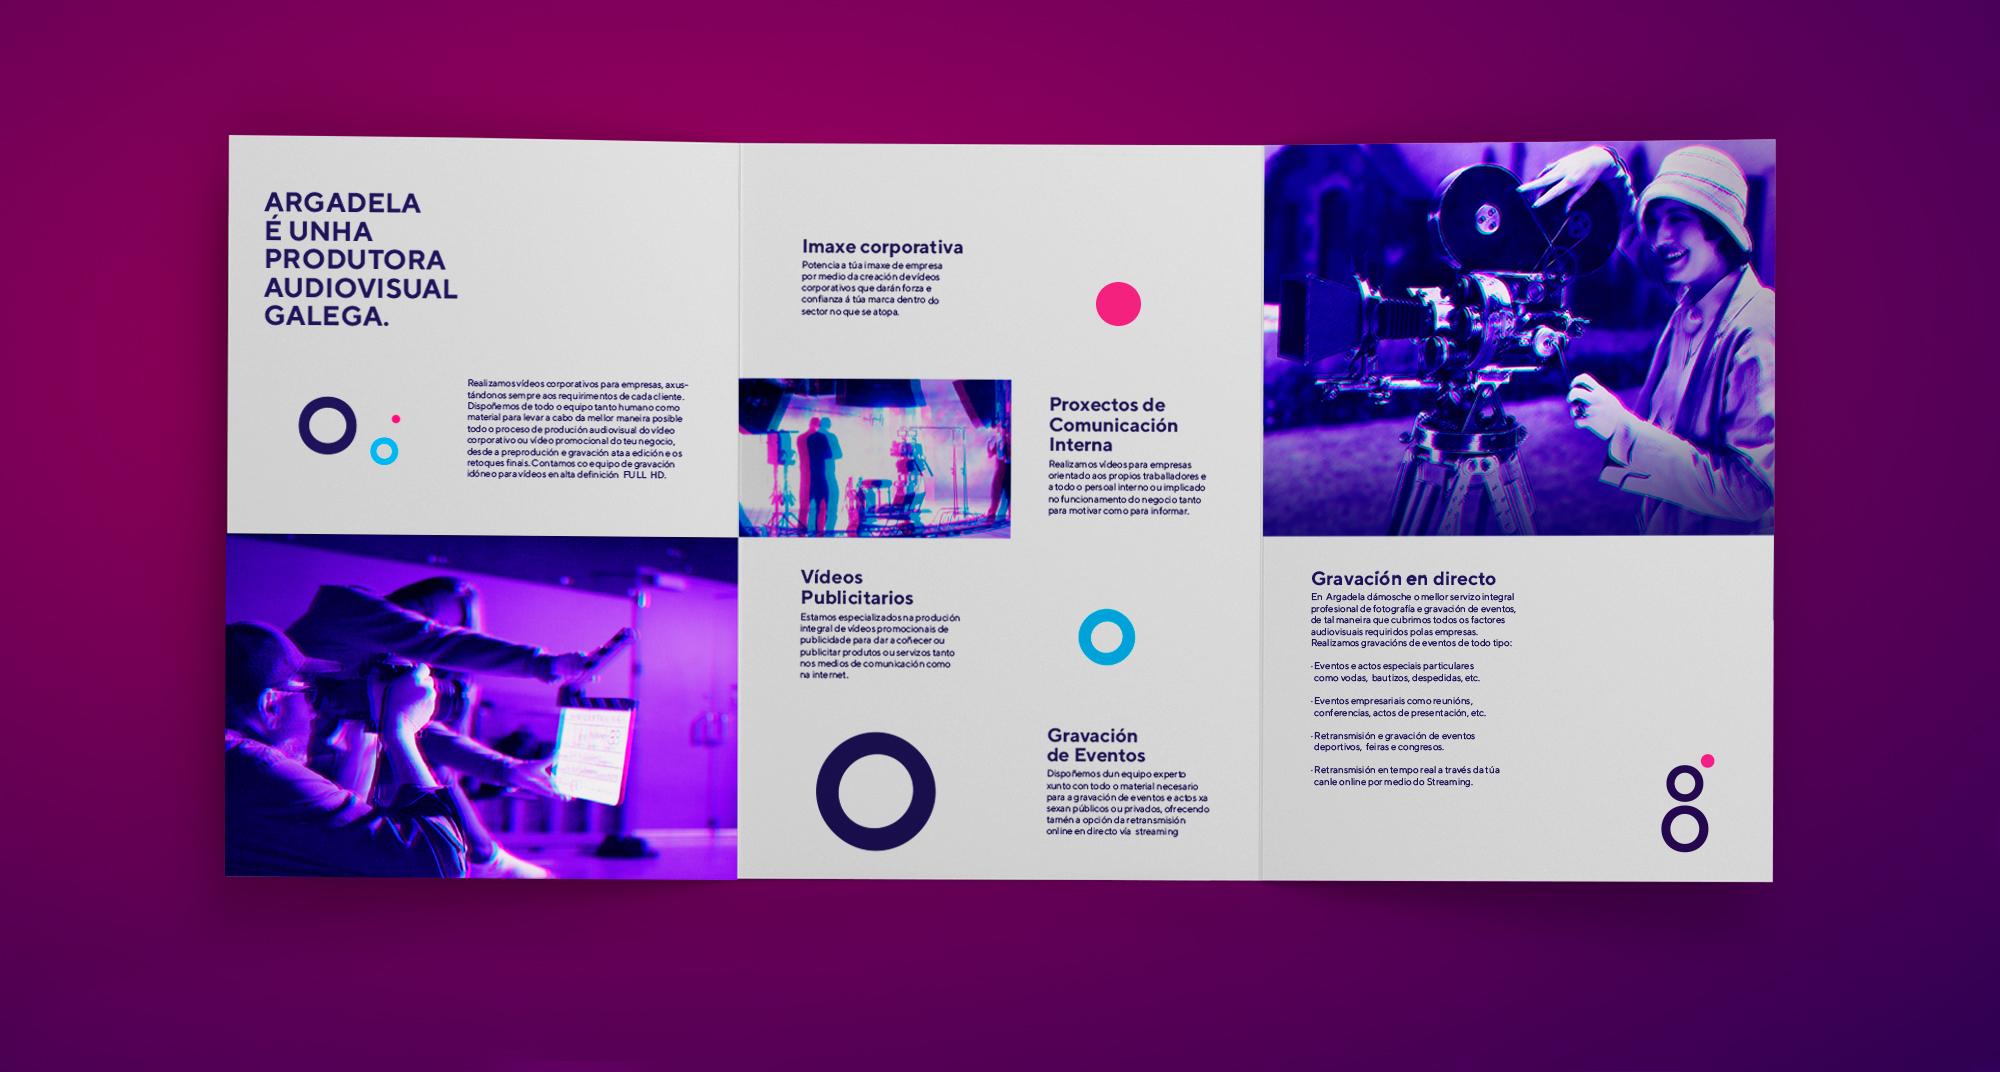 diseño de Flyer con los servicios de la productora